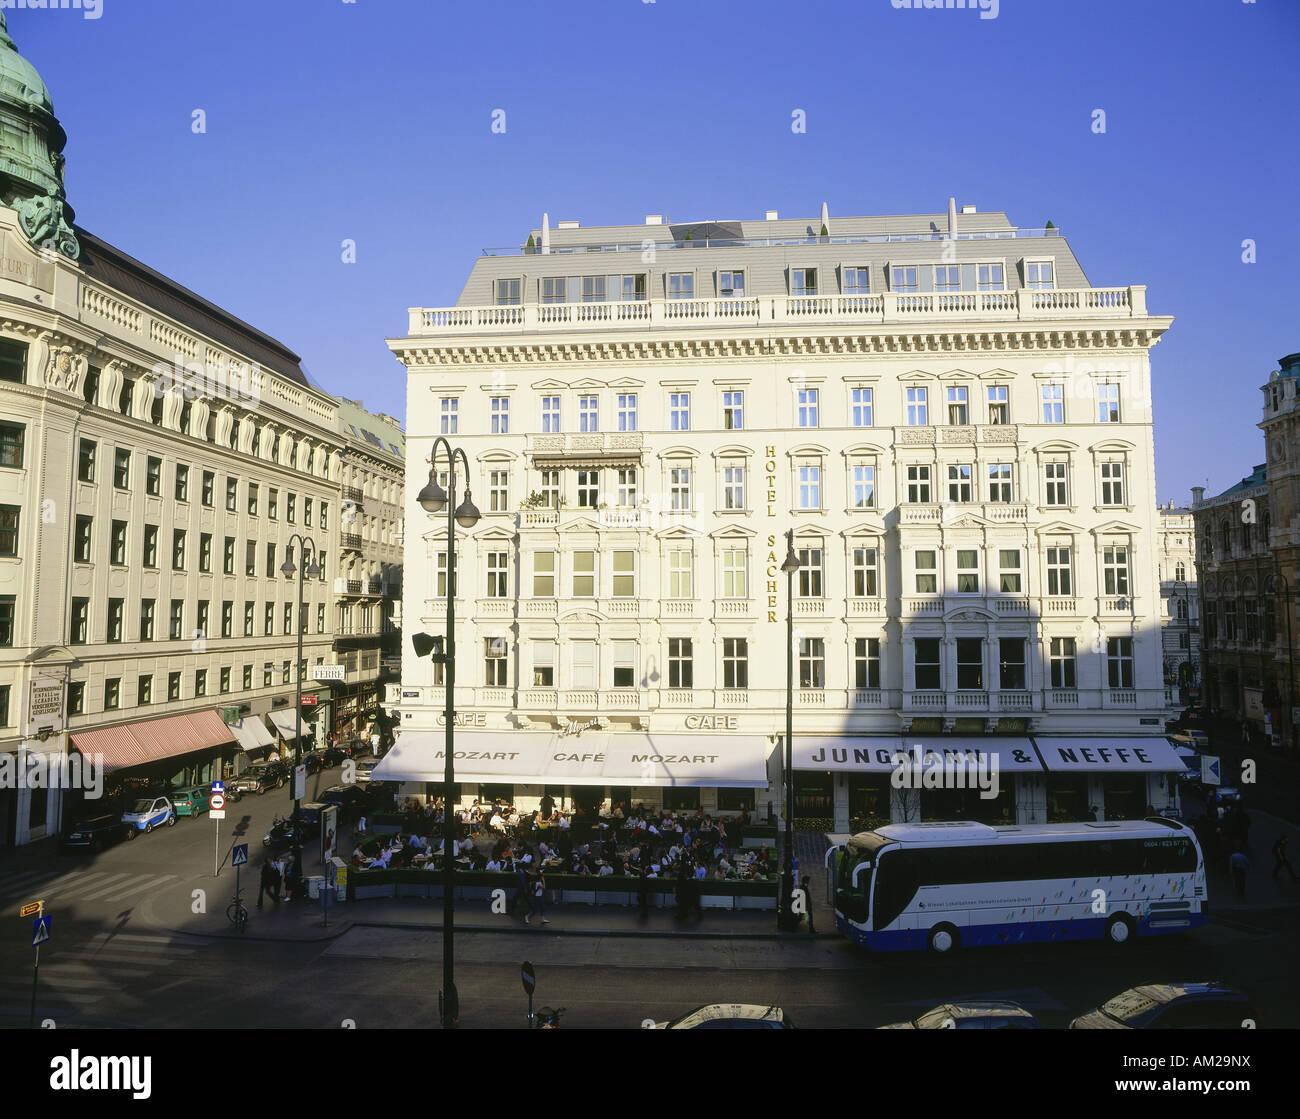 Géographie / voyage, Autriche, Vienne, la gastronomie, l'hôtel Sacher, vue extérieure, fondée: Photo Stock